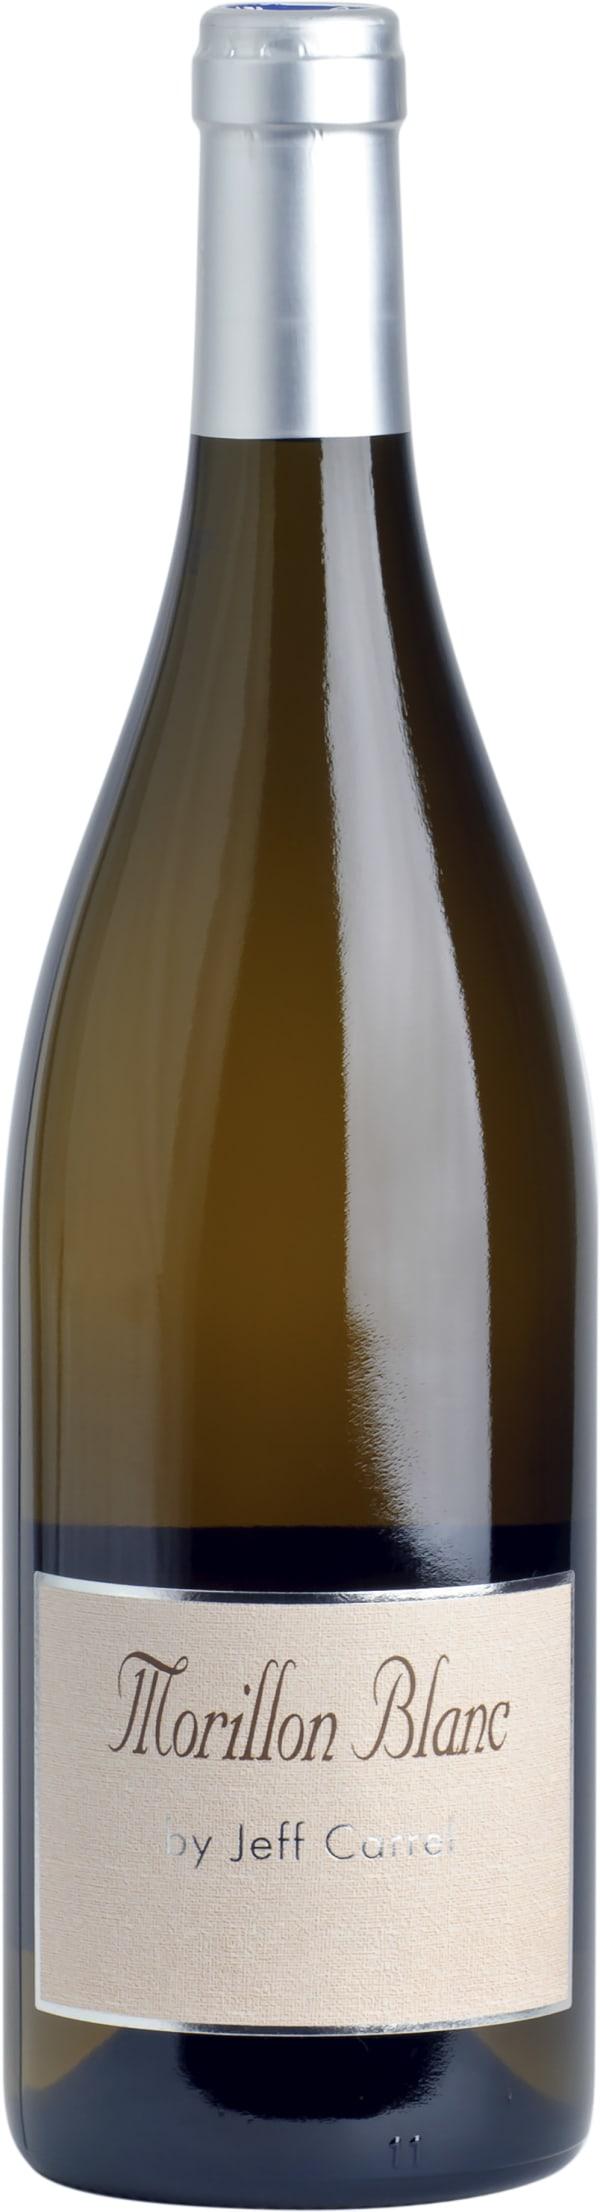 Morillon Blanc by Jeff Carrel 2020